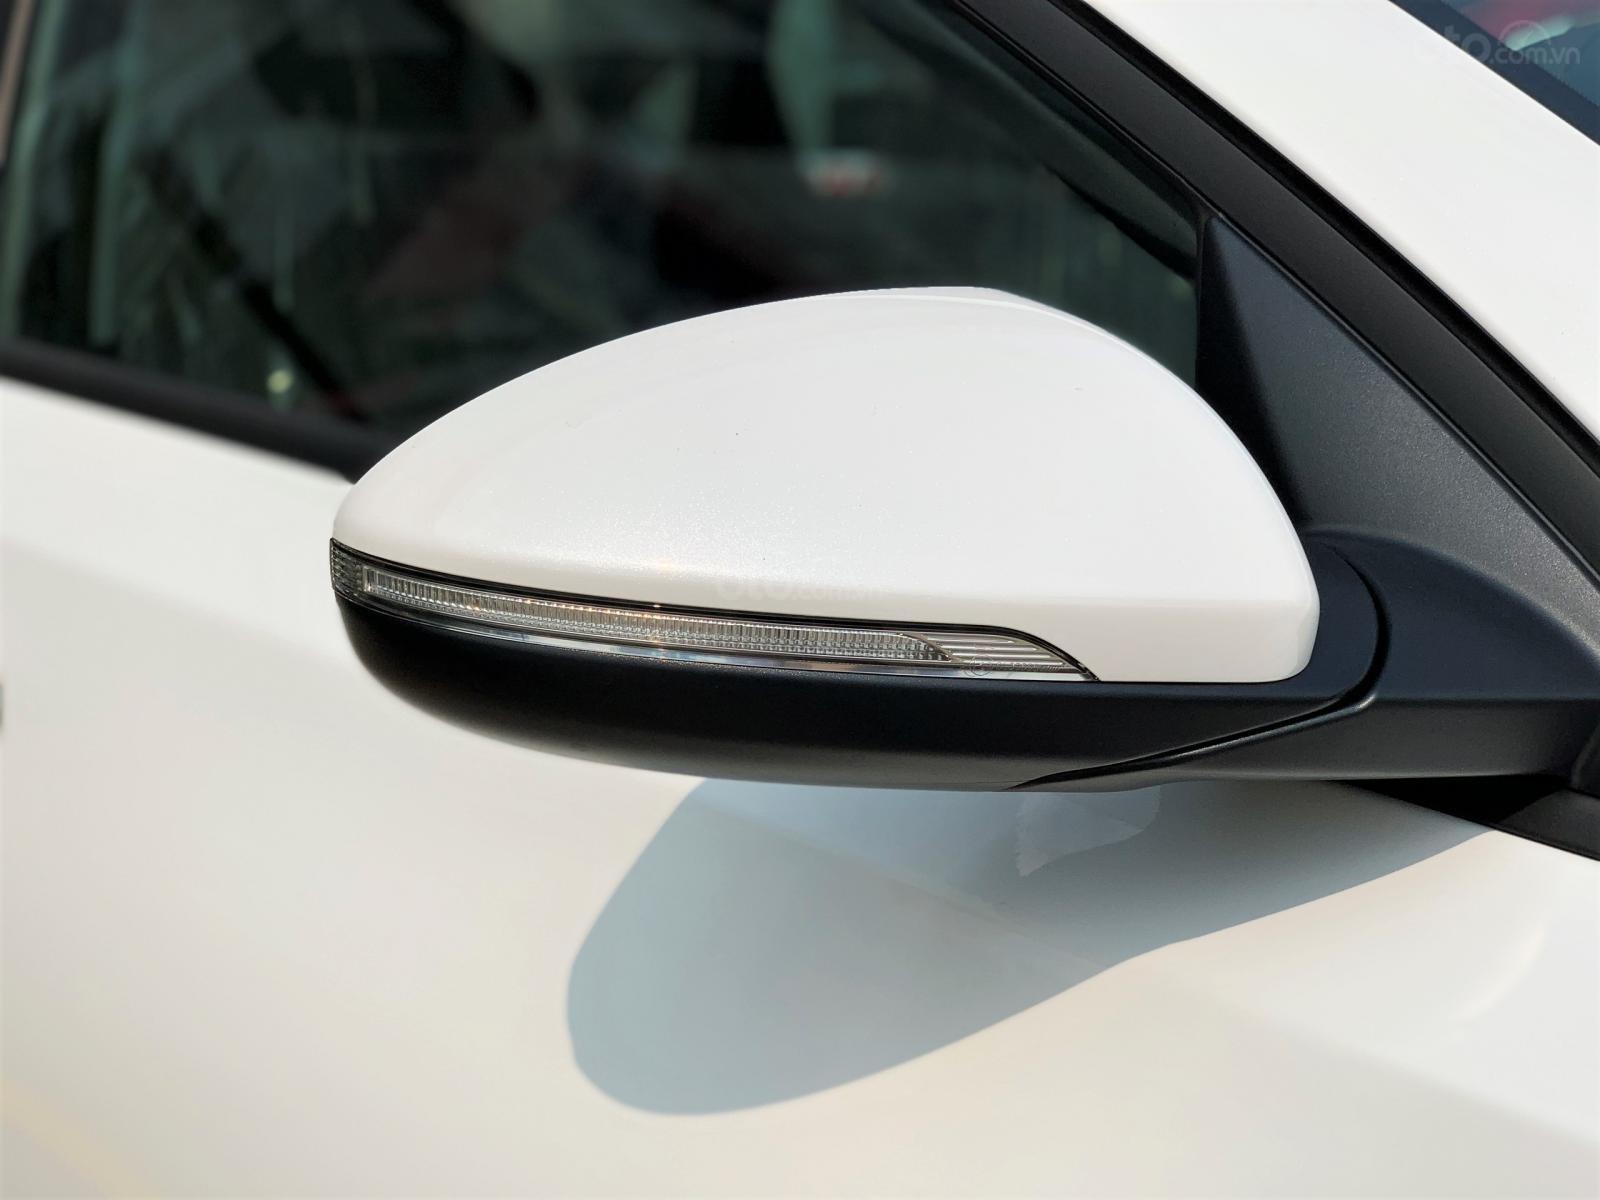 Kia Cerato mới 2019 - Tặng bảo hiểm vật chất xe - Tặng phụ kiện - Gói bảo dưỡng 20.000 km - LH Ngay 0934.075.248-7